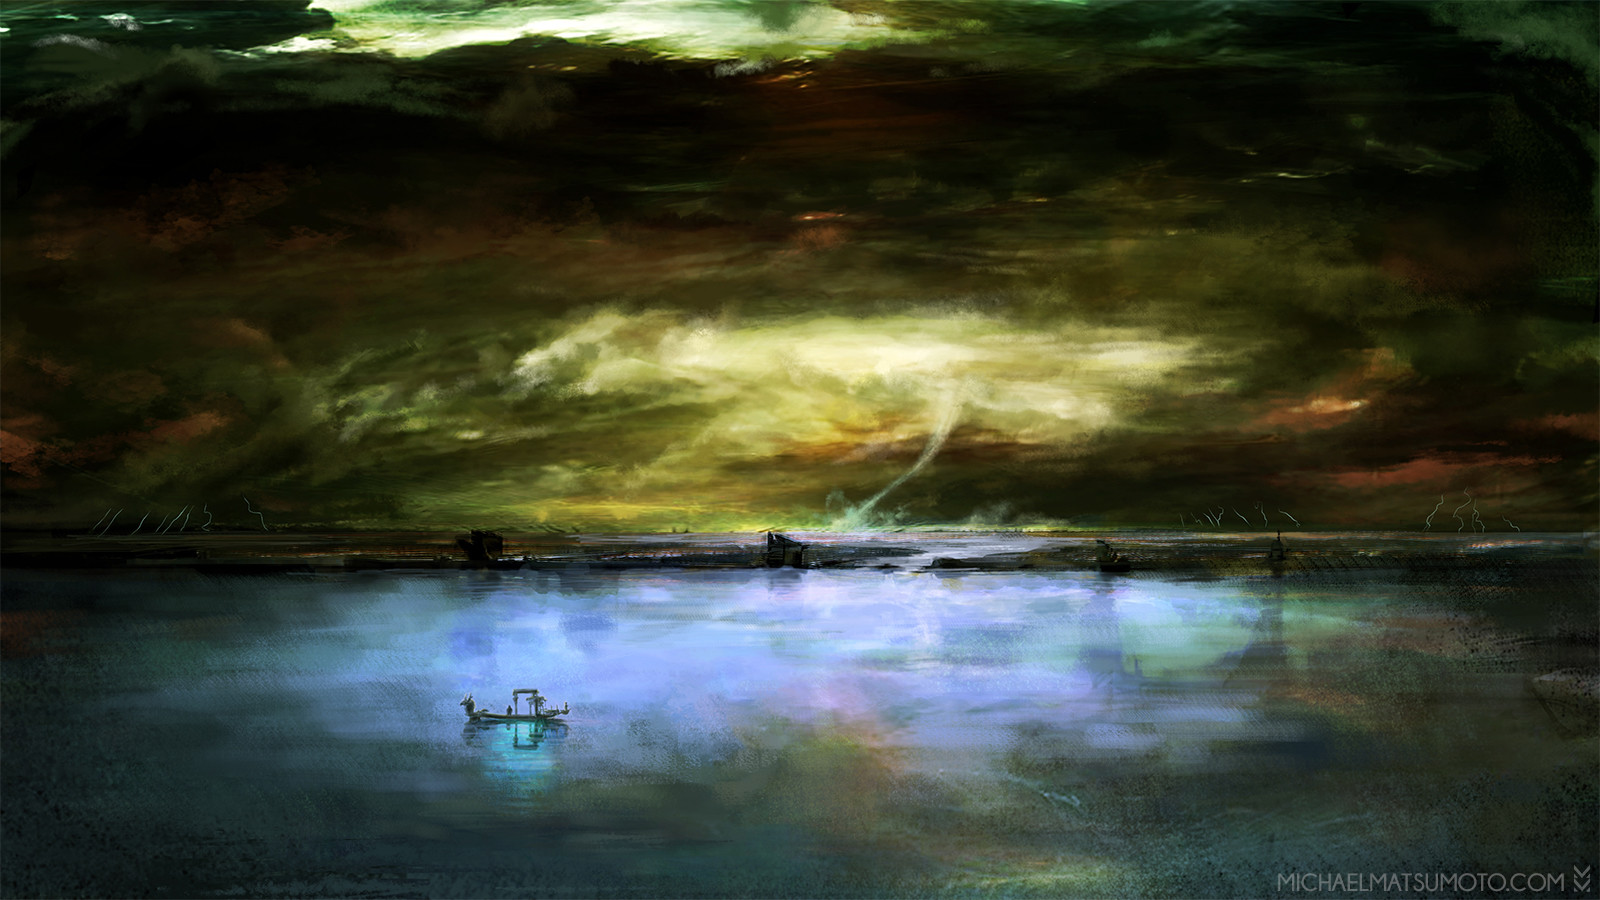 Michael matsumoto drifting through the underworld watermark